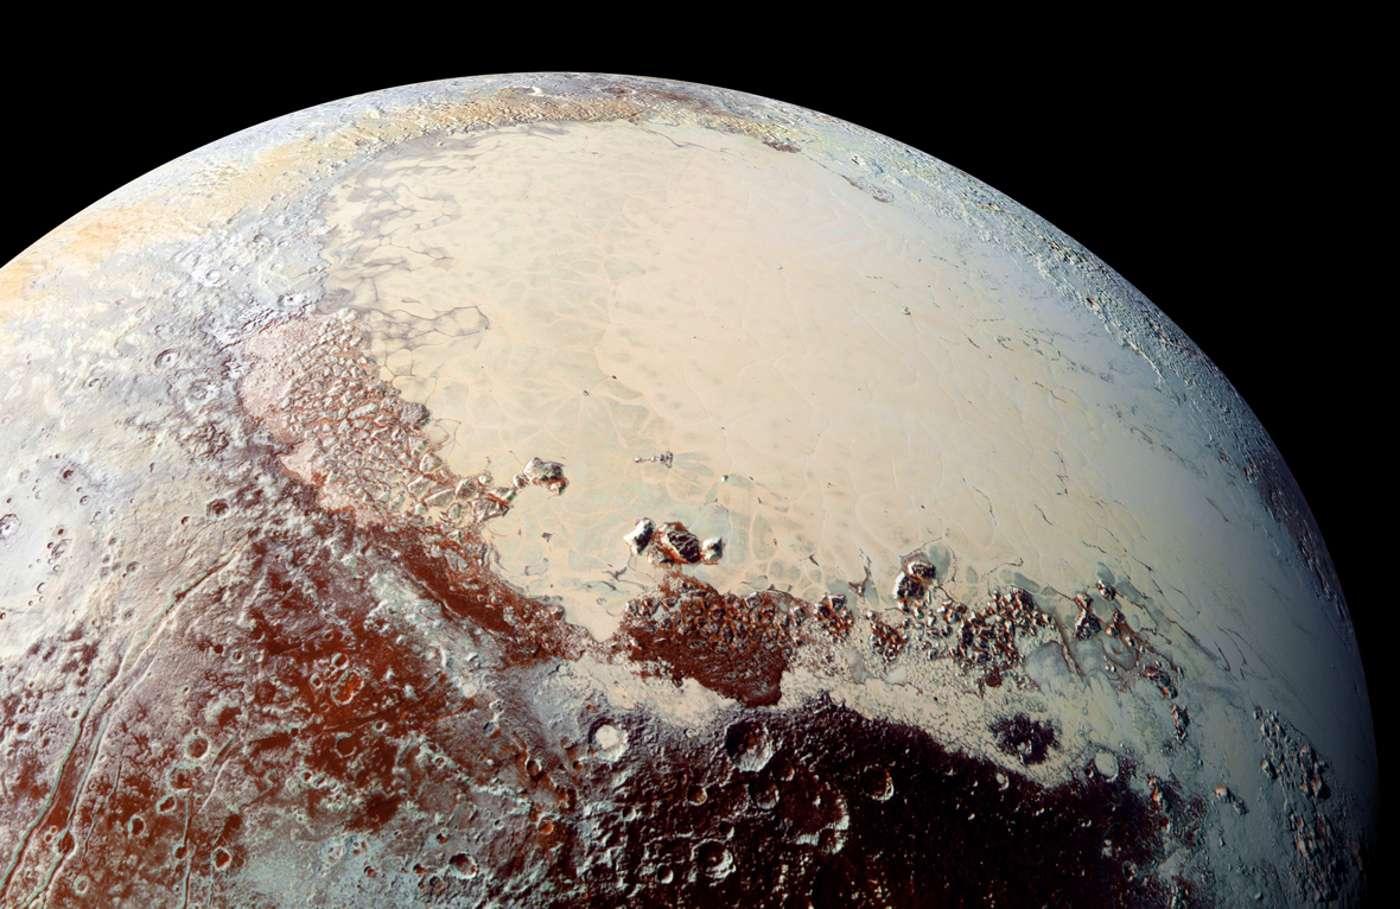 La surface de Pluton comprend notamment la plaine Spoutnik (riche en glace d'azote, de méthane et de monoxyde de carbone) qui représente le « ventricule » gauche du cœur alias la région Tombaugh. Image composite prise en haute résolution avec le spectromètre Ralph/MVIC (bleu, rouge et infrarouge), le 14 juillet 2015. © Nasa, JHUAPL, SwRI